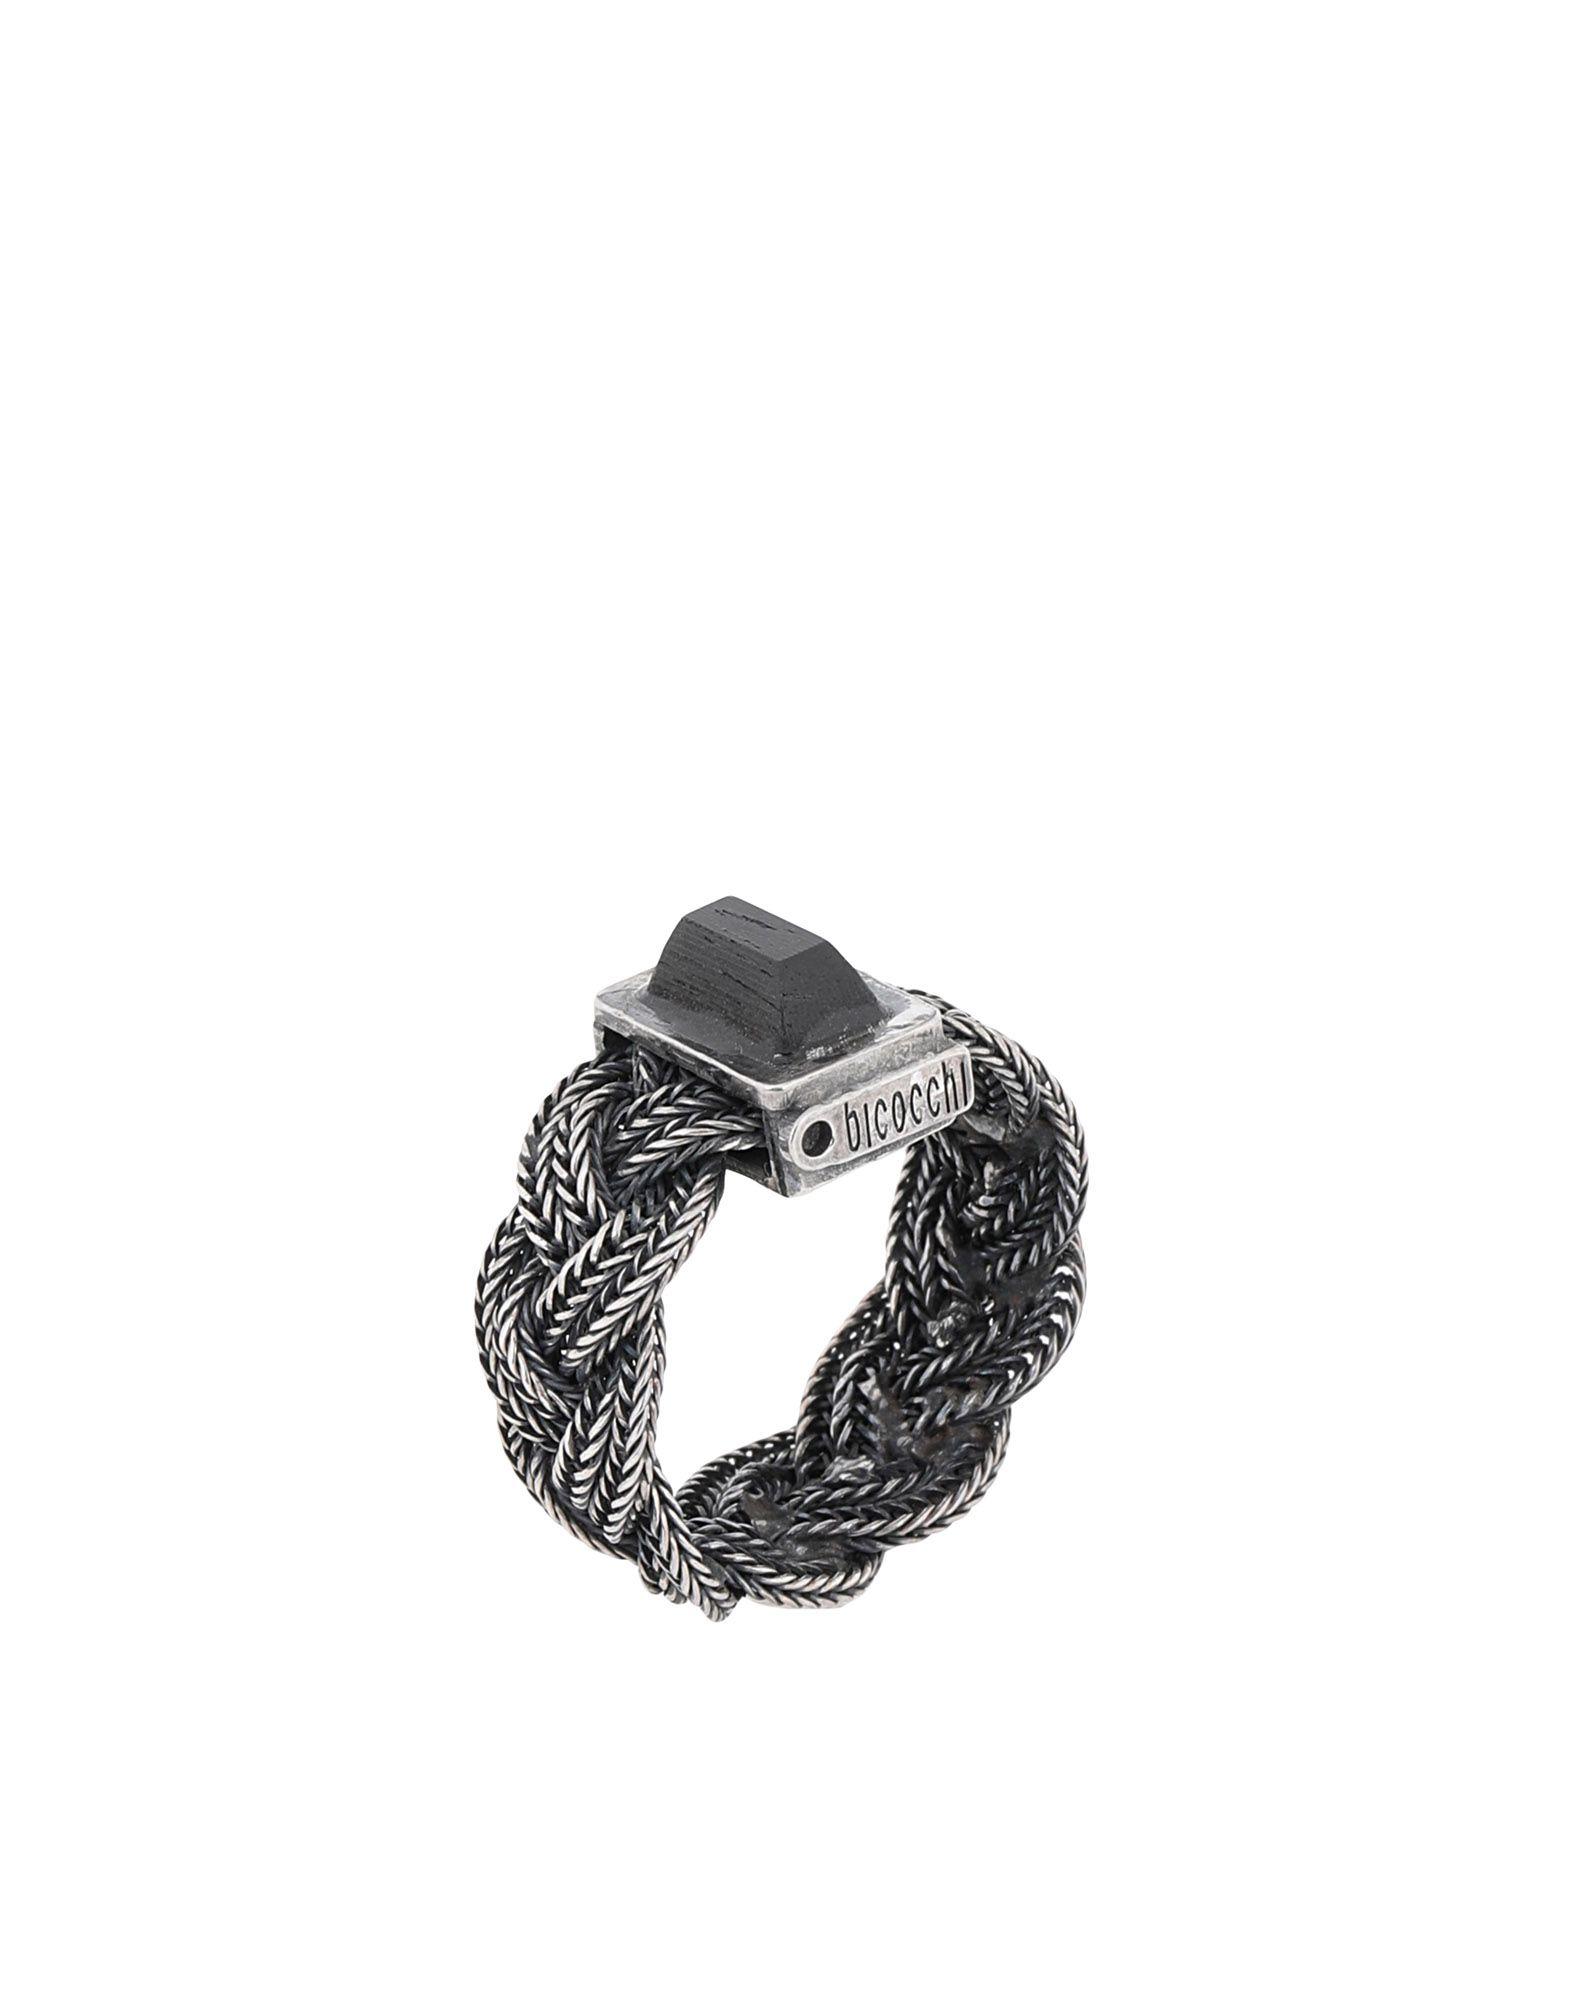 《送料無料》EMANUELE BICOCCHI メンズ 指輪 シルバー 22 金属